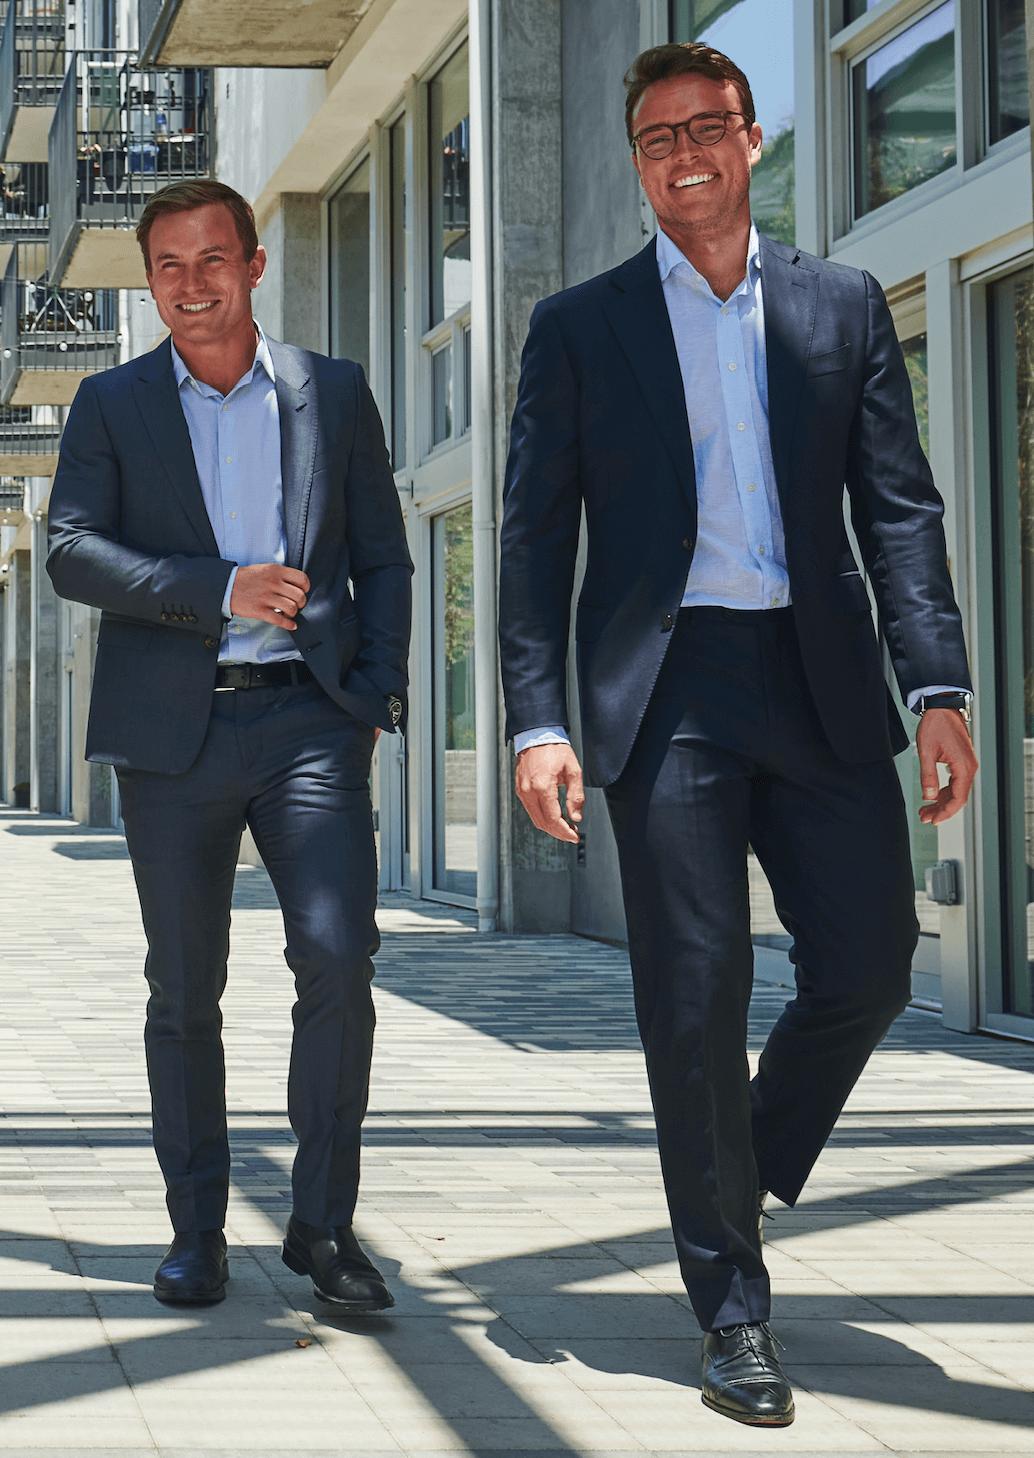 Charles and Seb walking